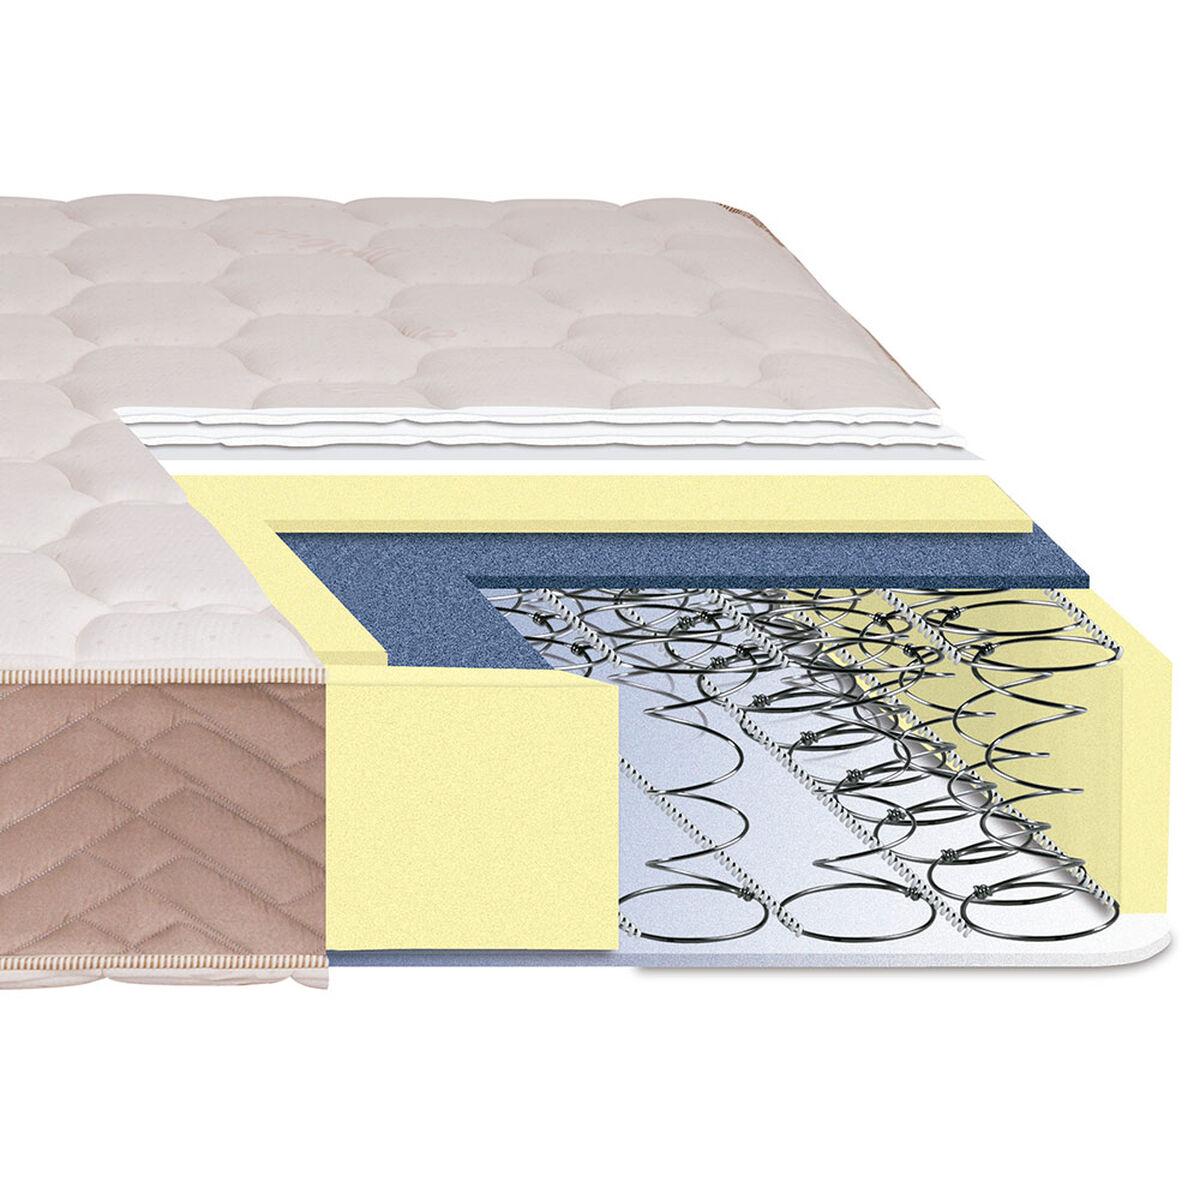 Cama Europea Celta 2 Plazas Base Normal Bamboo + Textil + Almohadas